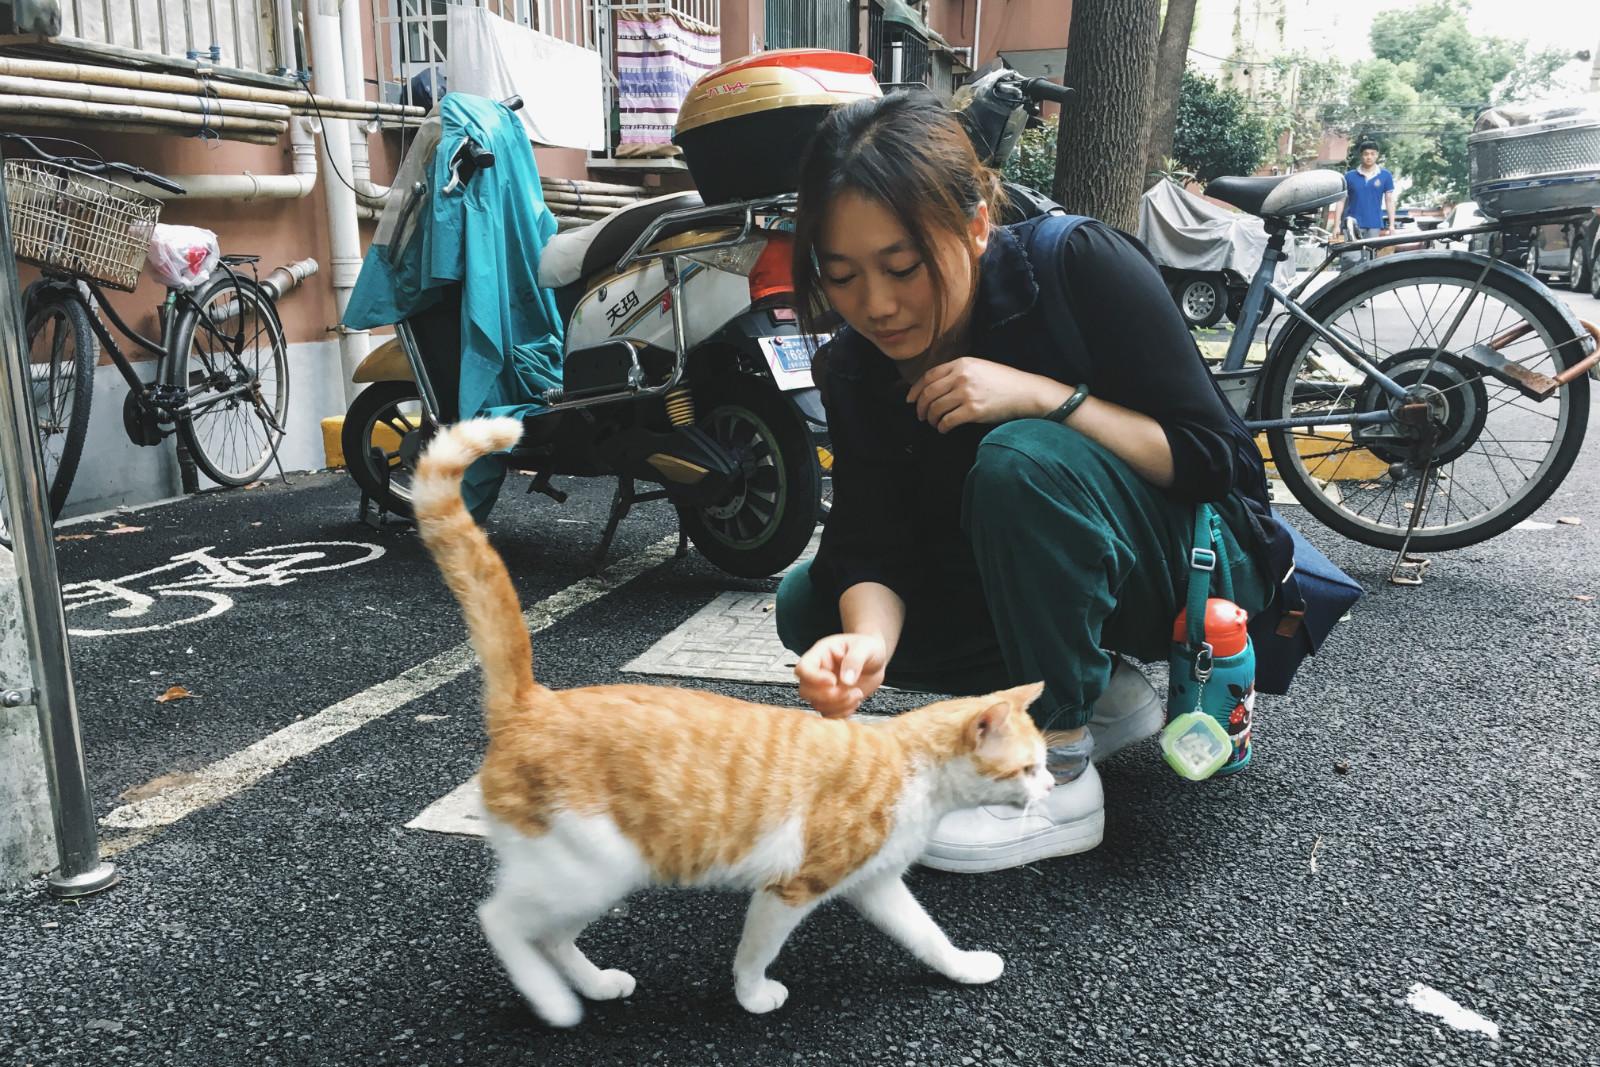 ▲我喜欢猫